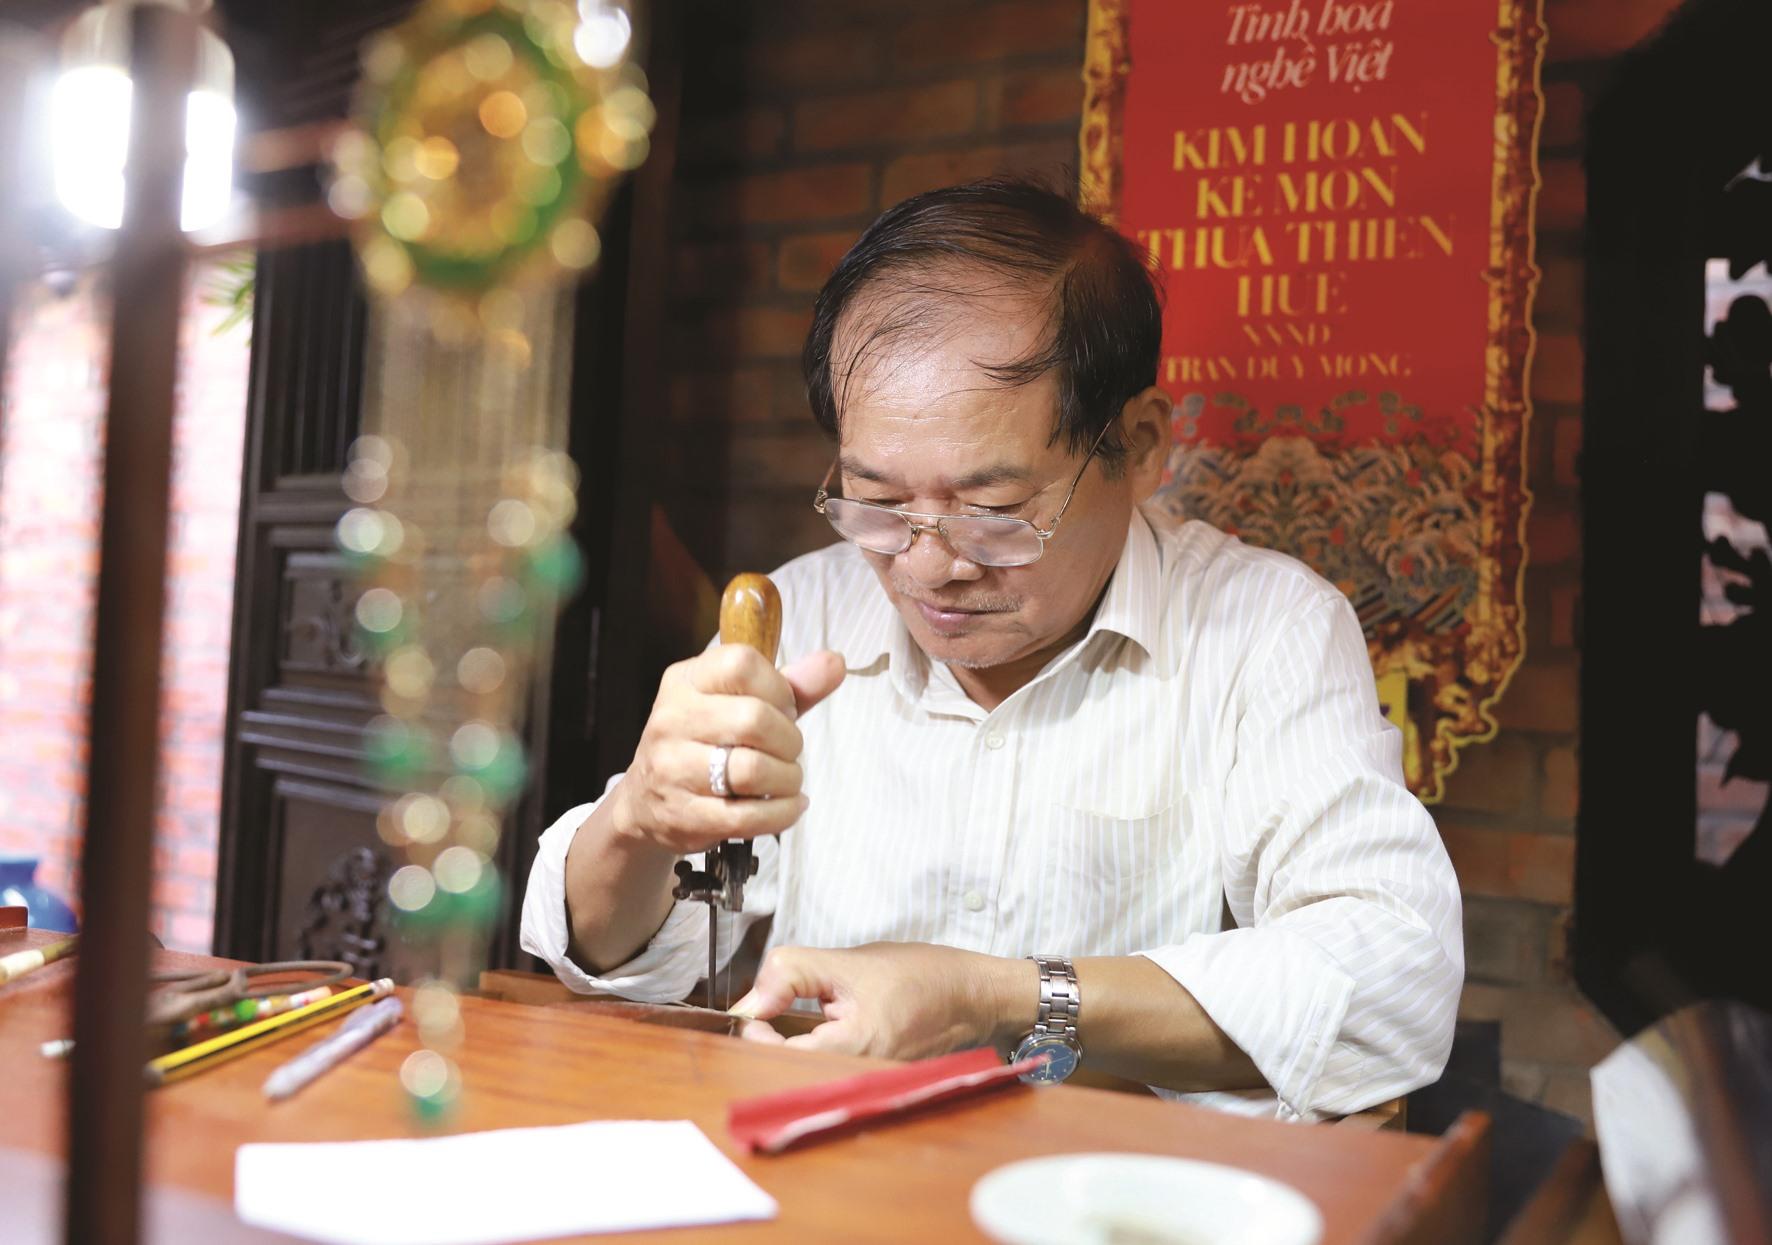 Dù tuổi cao, Nghệ nhân ưu tú Trần Duy Mong vẫn tự tay thiết kế và chế tác những tác phẩm kim hoàn mới.